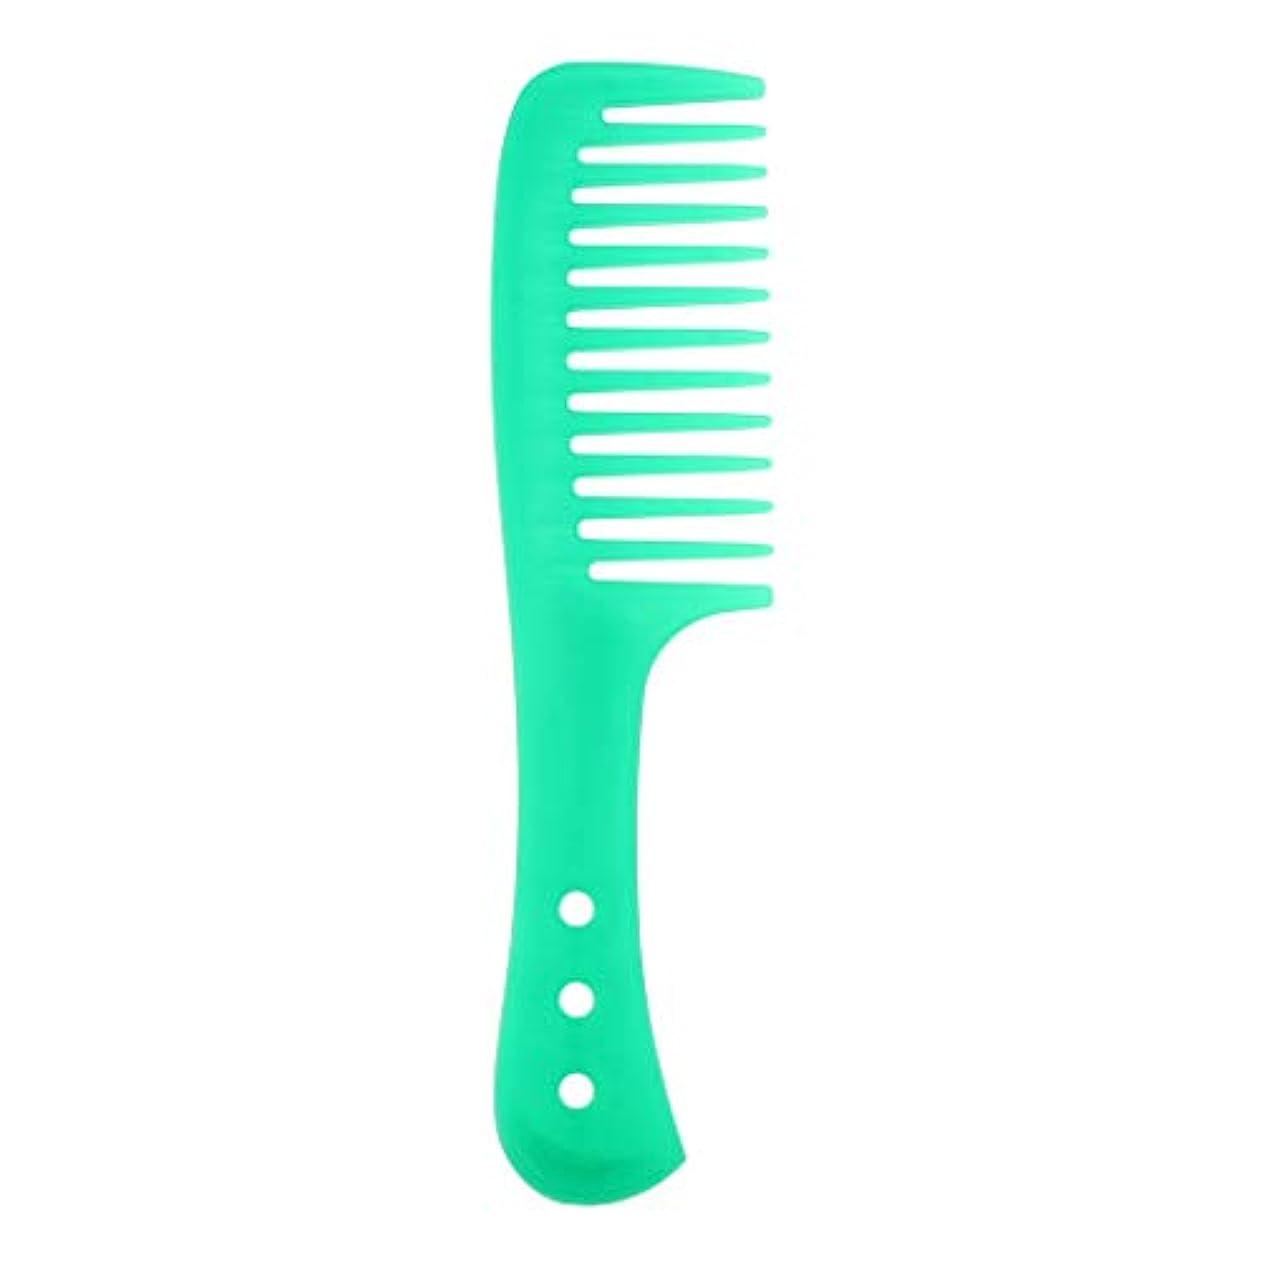 刺す上に年金ポータブル理髪広い歯の櫛巻き毛のDetangler頭皮マッサージブラシ - 緑